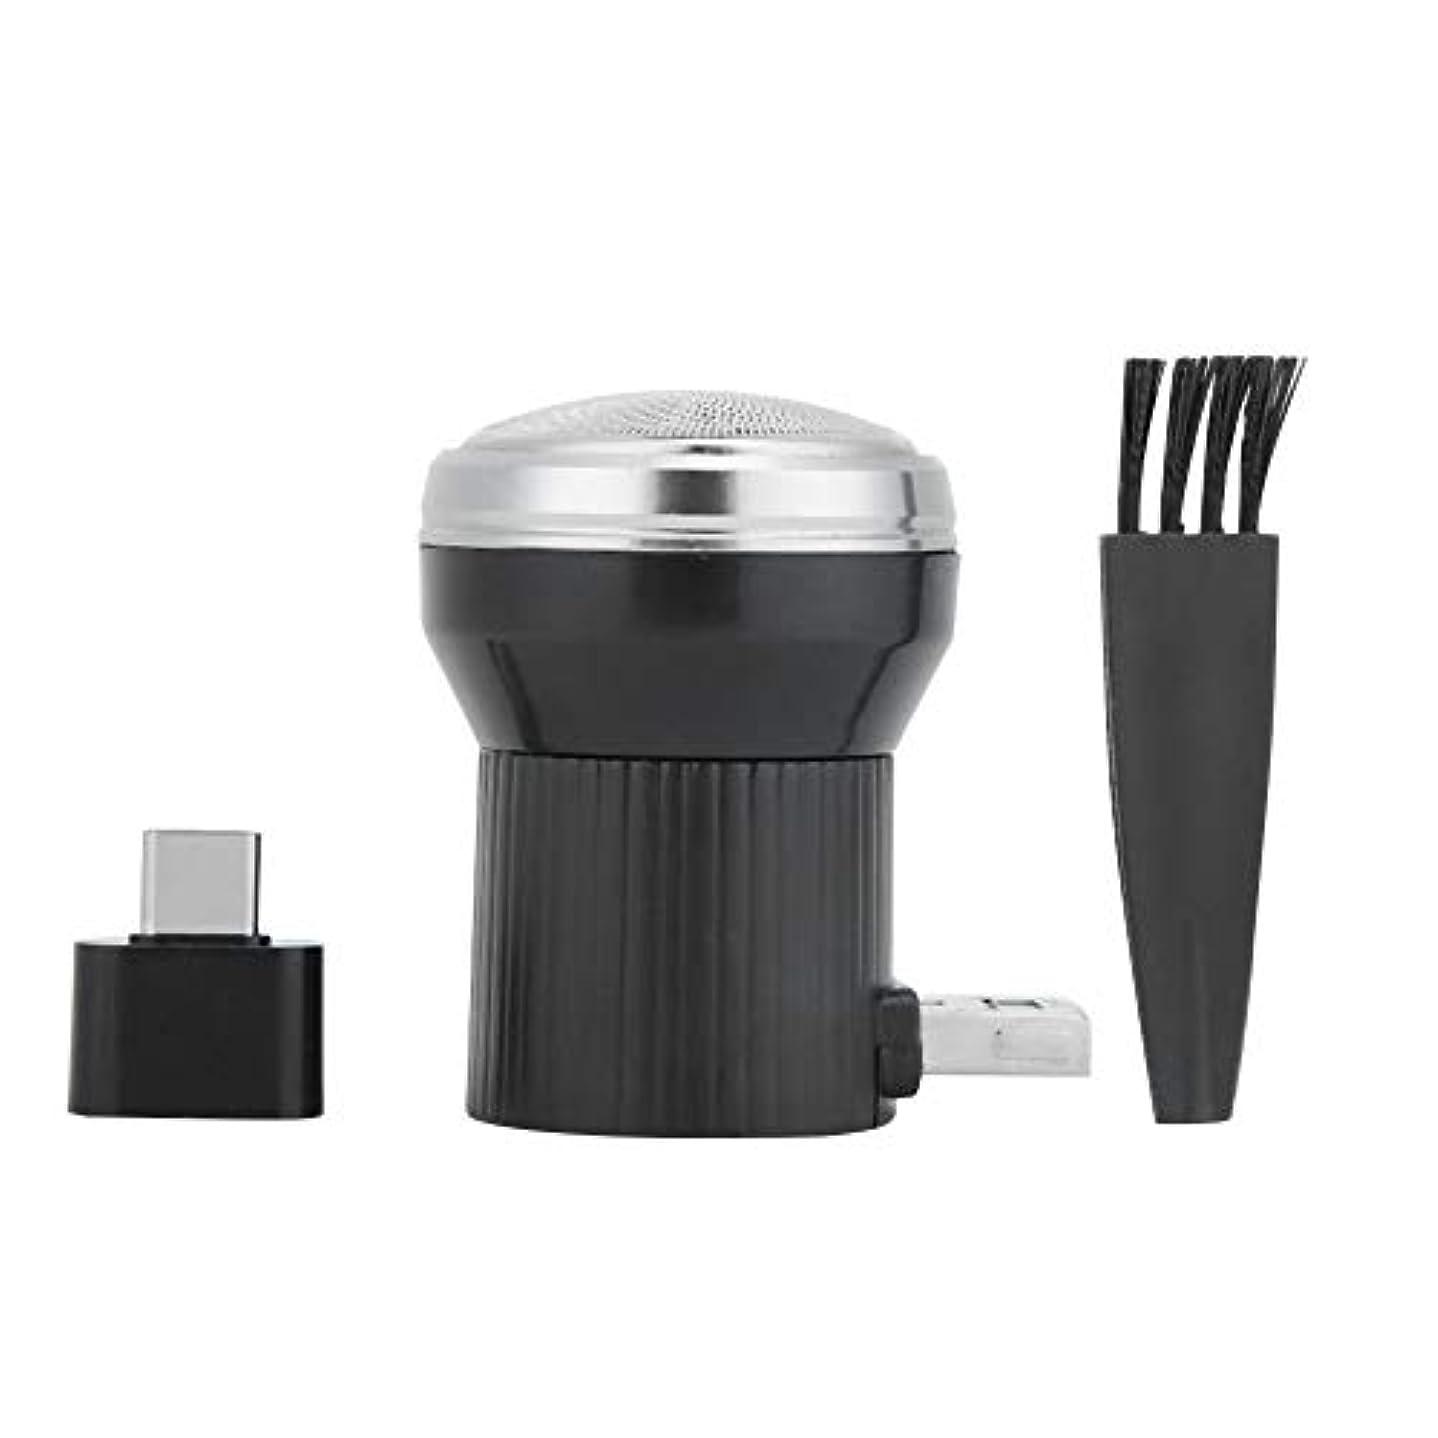 きしむセント炭素DC5V 4.5W メンズシェーバー 髭剃り 回転式 USBシェーバー 携帯電話/USB充電式 持ち運び便利 電気シェーバー USBポート